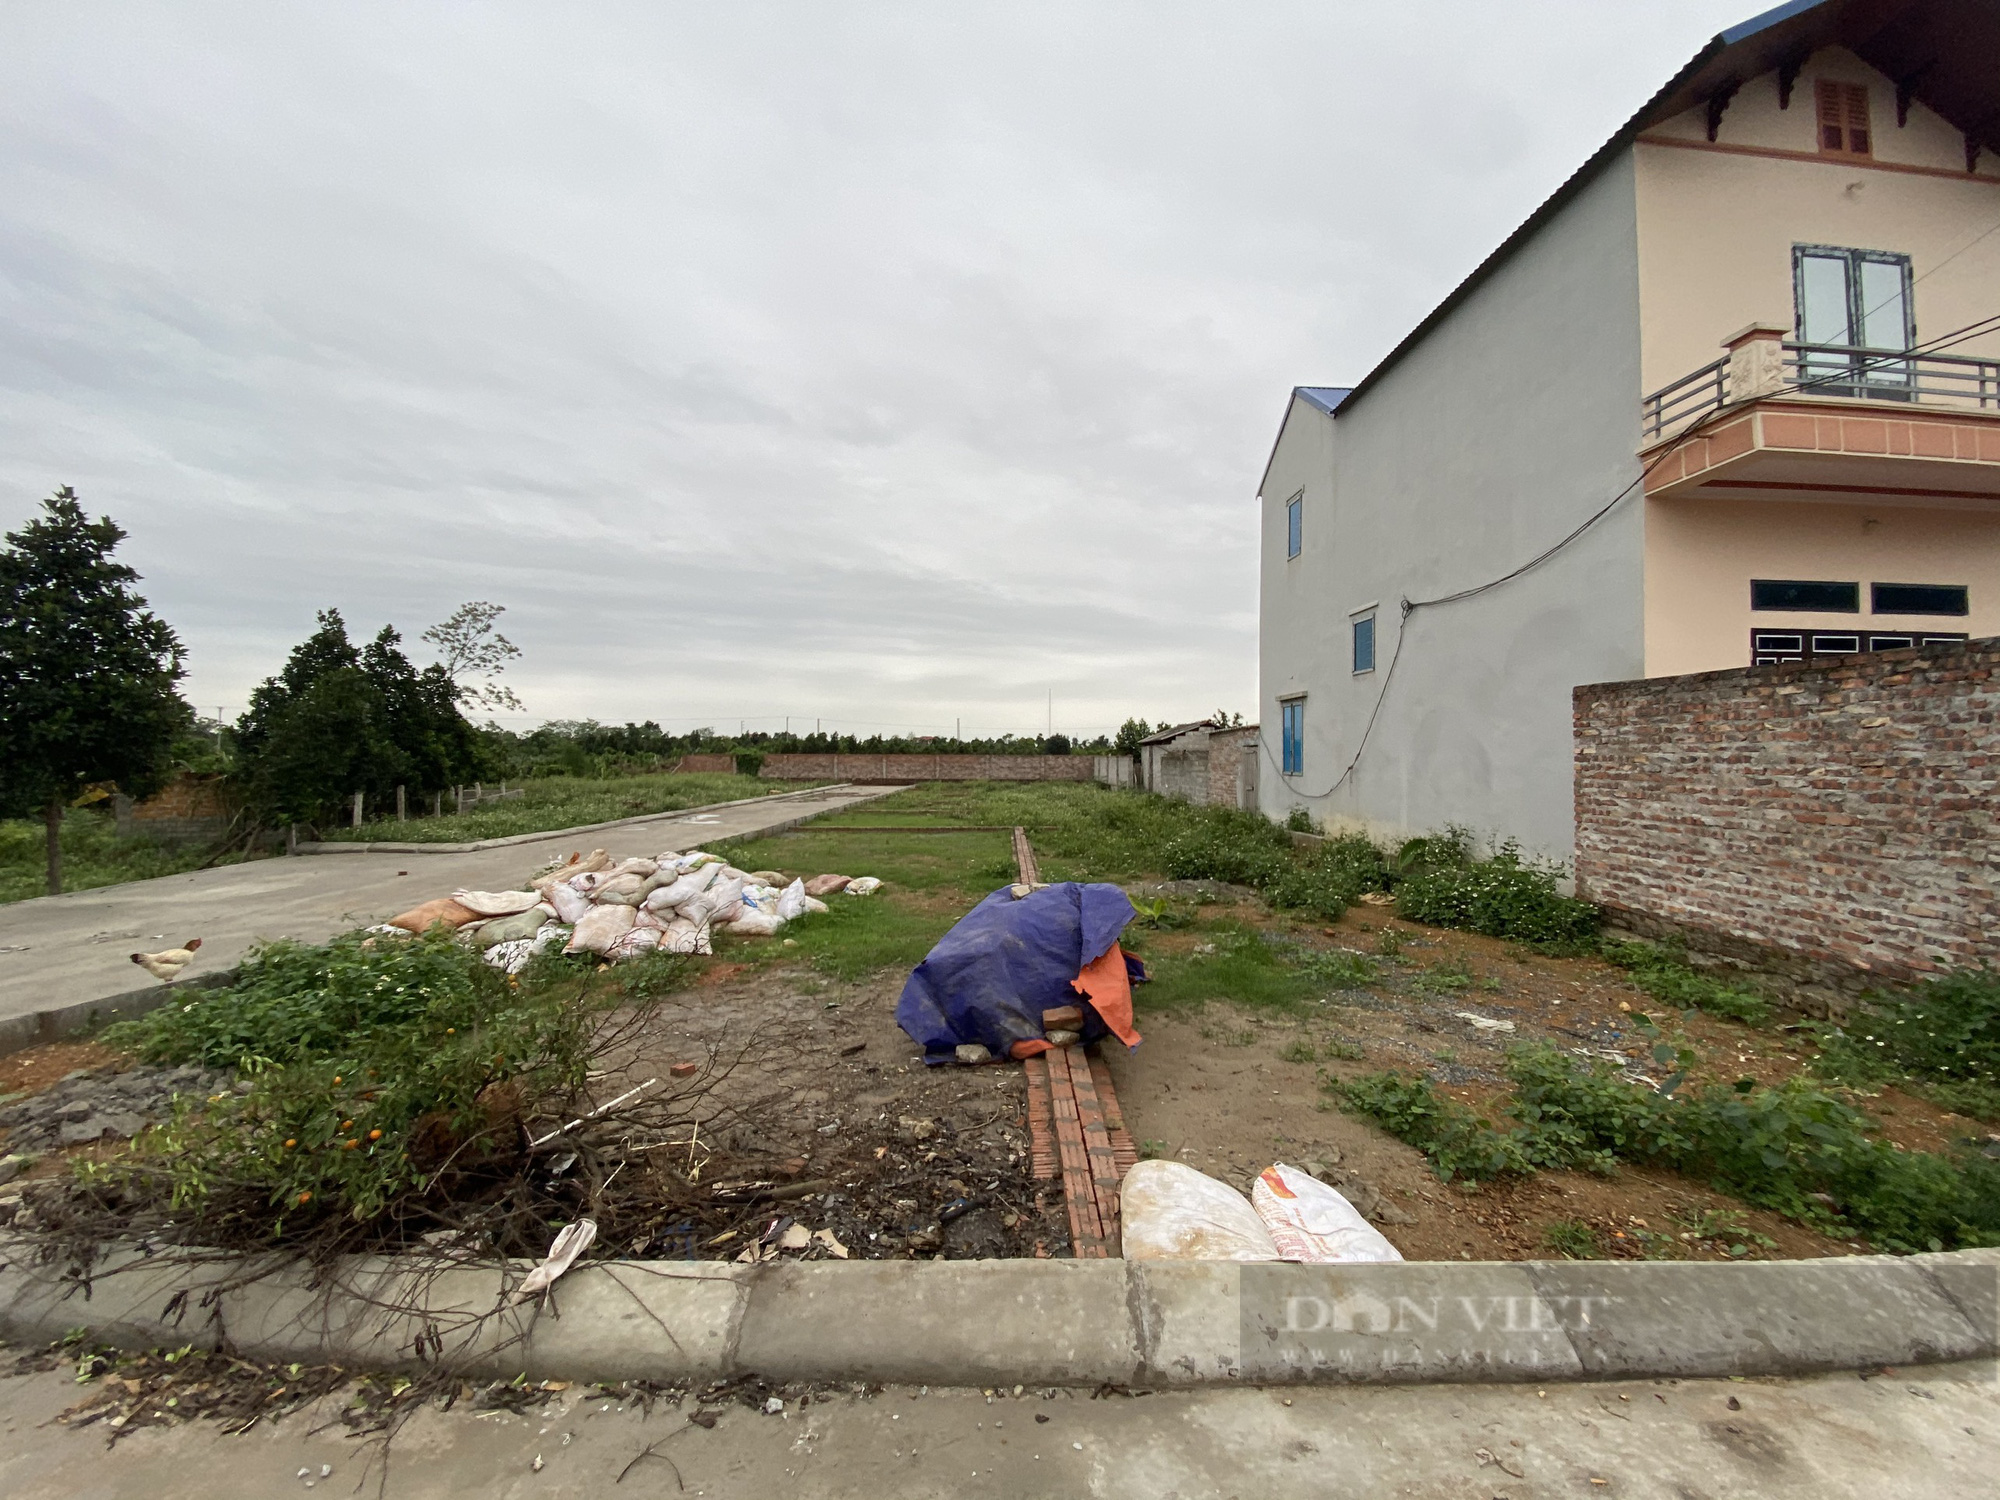 Mua đất nông thôn 800 triệu đồng, nhà đầu tư không chuyên bán 2,6 tỷ đồng sau 4 năm - Ảnh 4.